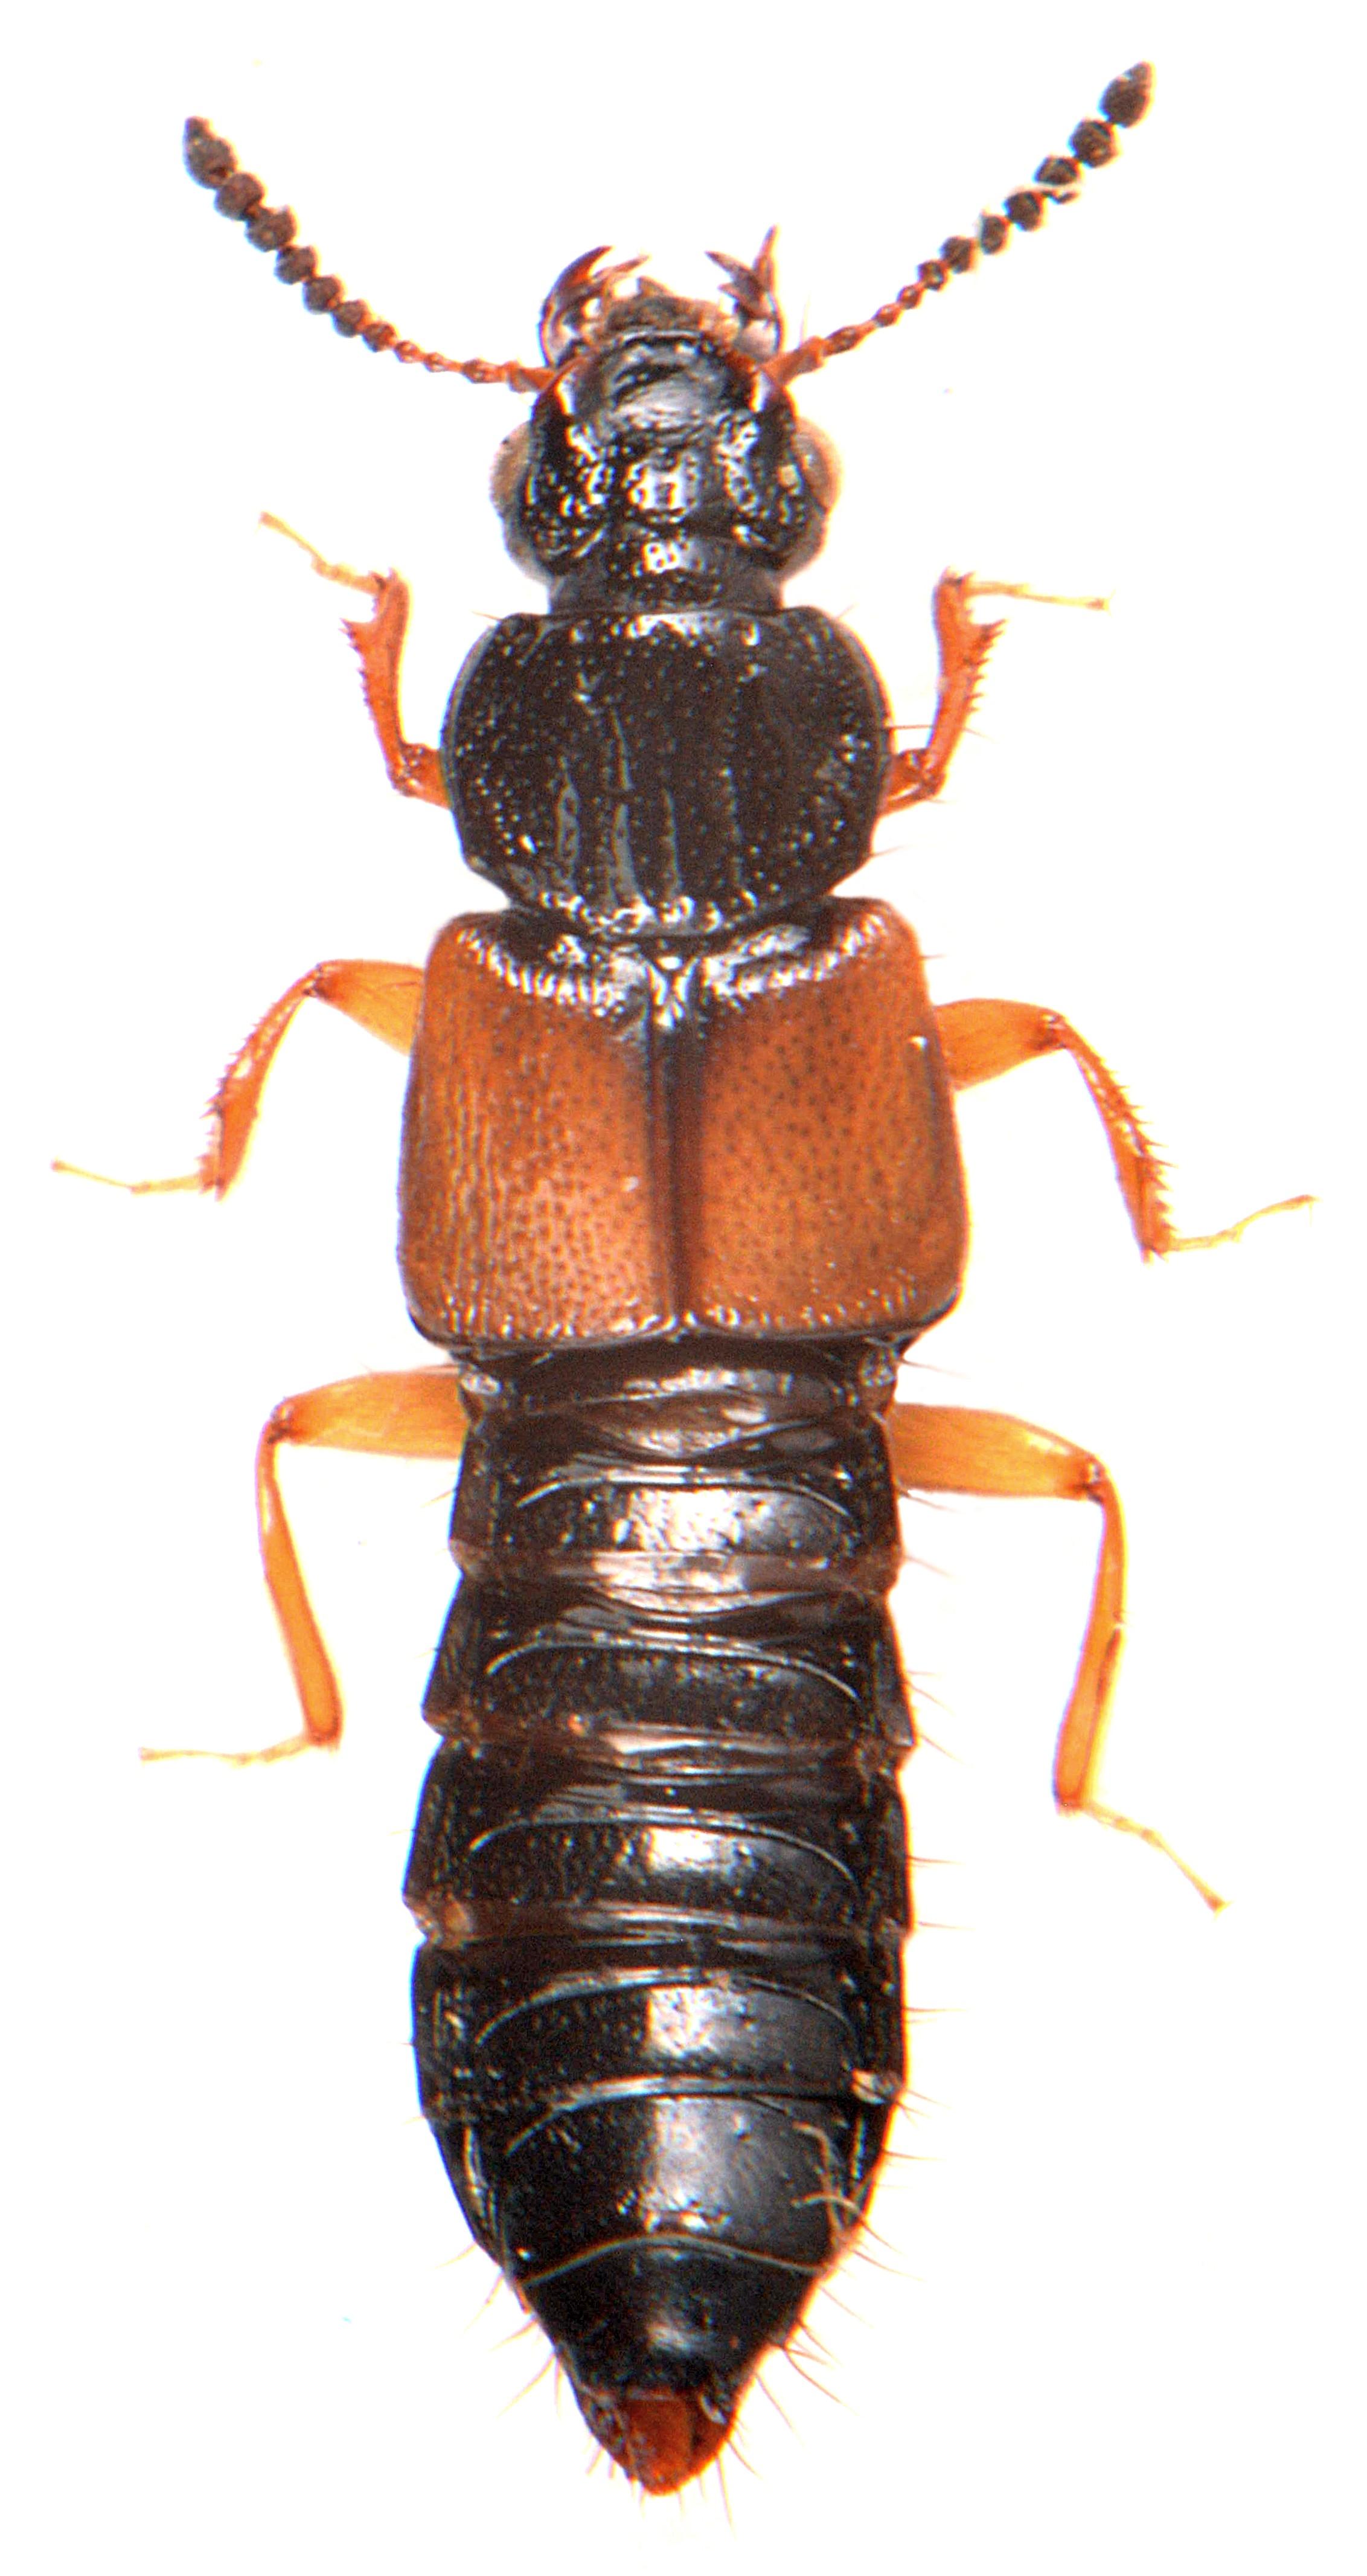 Oxytelus laqueatus 1